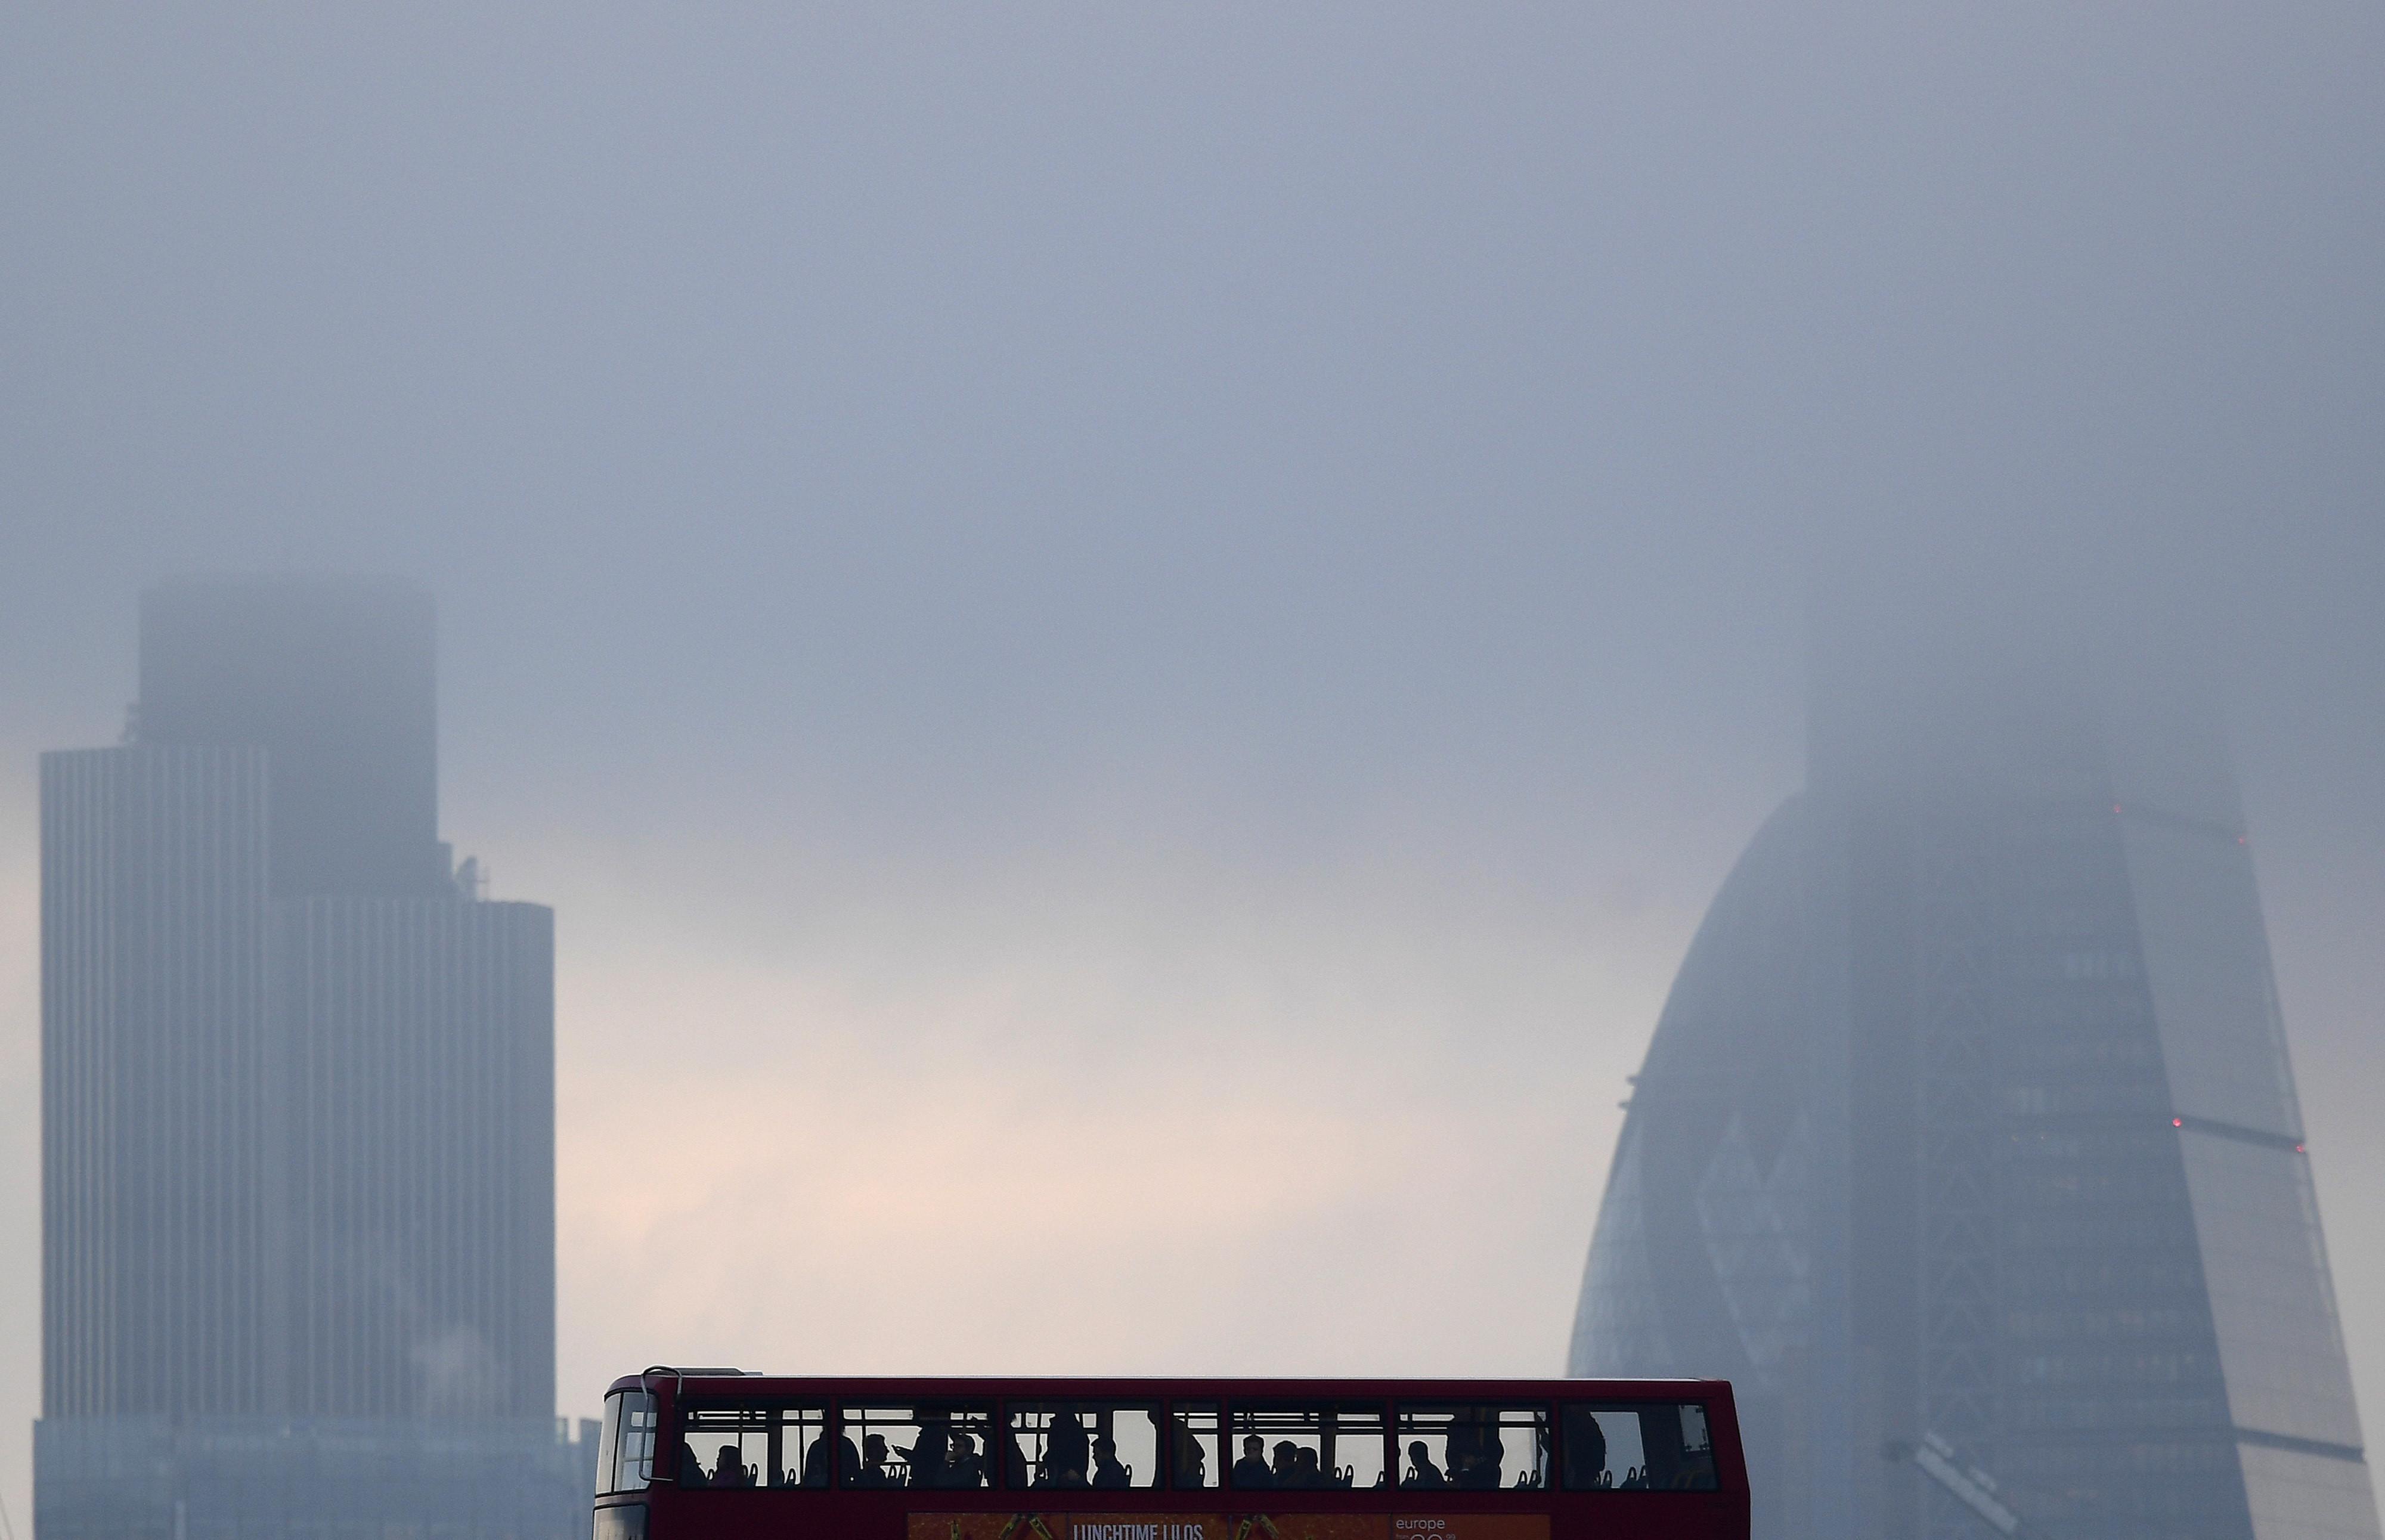 La contaminación atmosférica y las olas de calor exacerbadas por el cambio climático contribuyen a alrededor del 13% de todas las muertes en Europa.